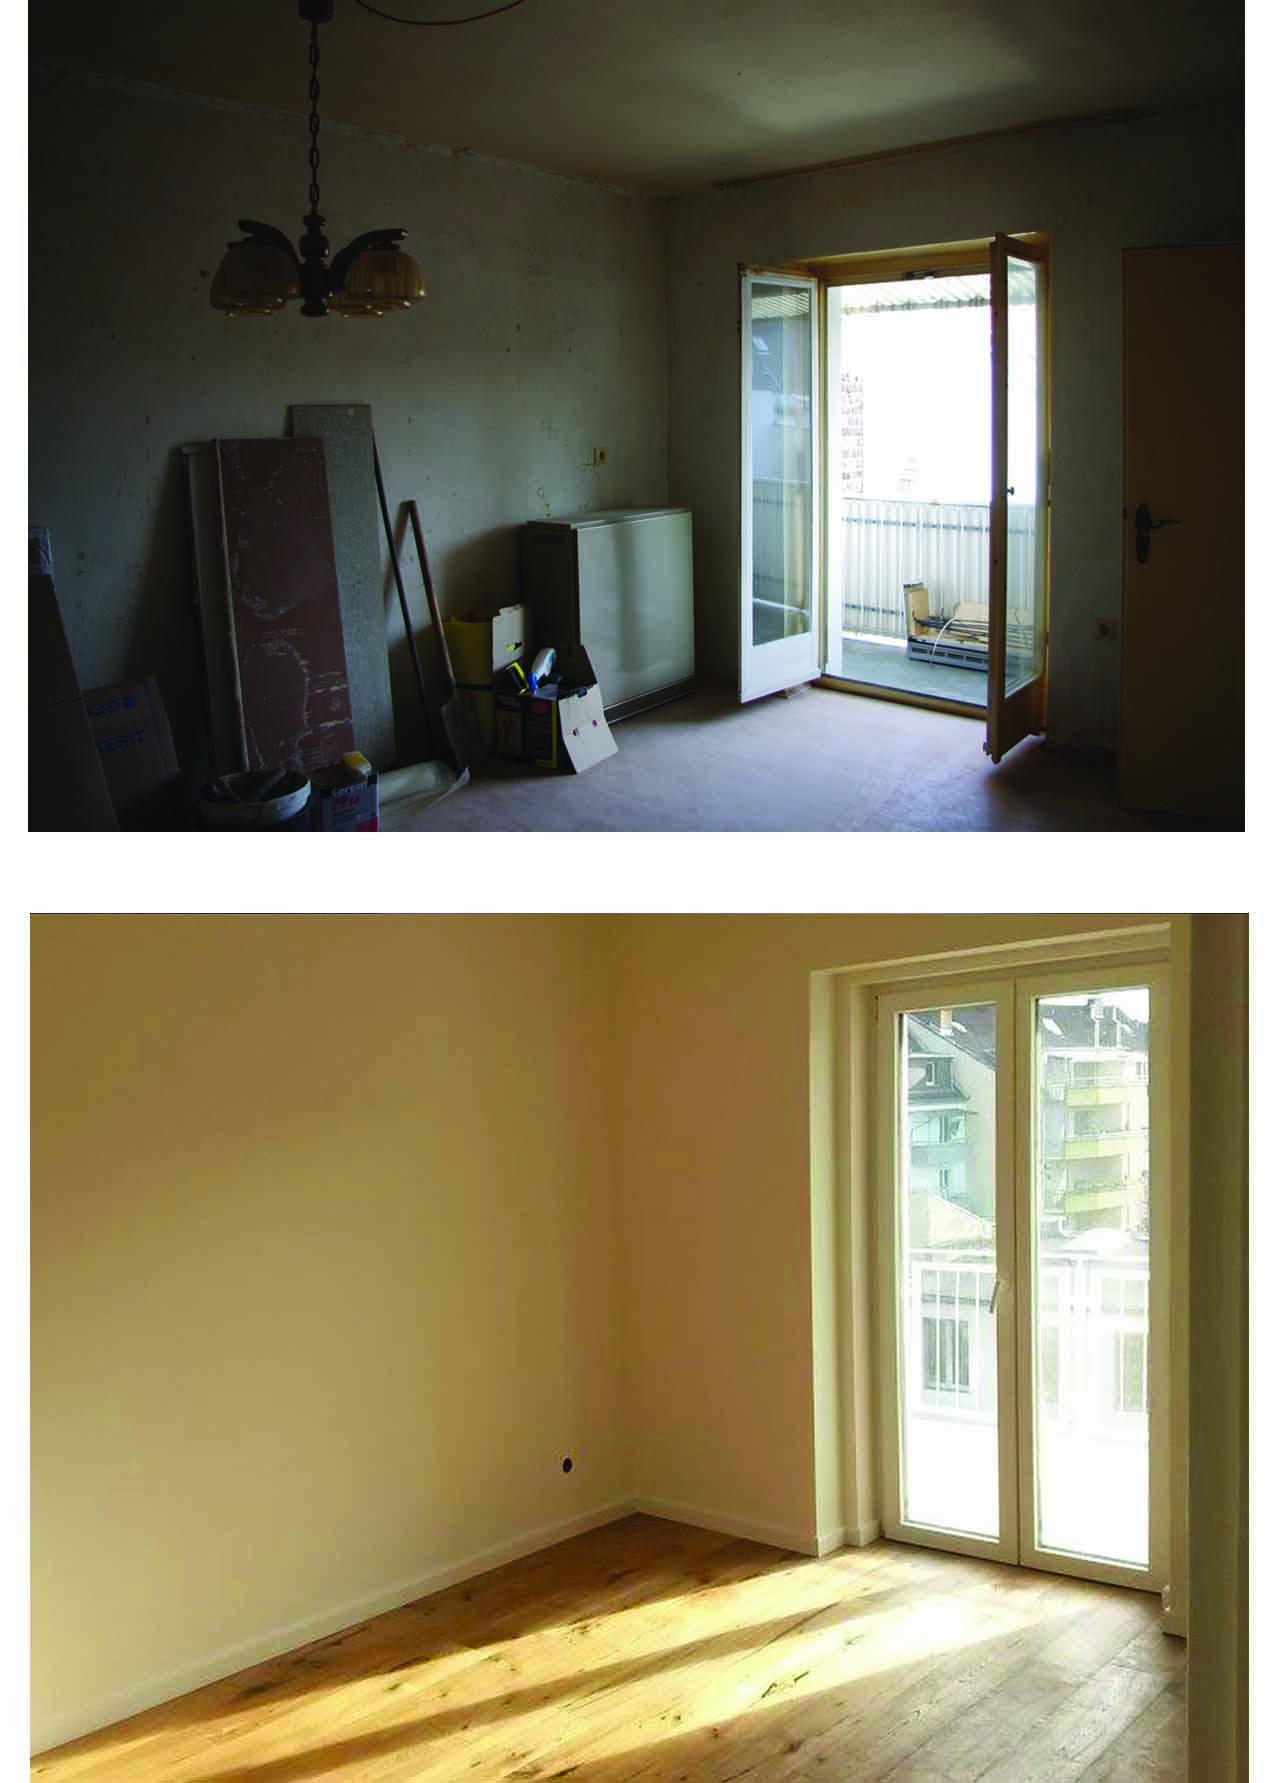 sanierung vorher nachher eines mehrfamilienhauses kiq d sseldorf. Black Bedroom Furniture Sets. Home Design Ideas